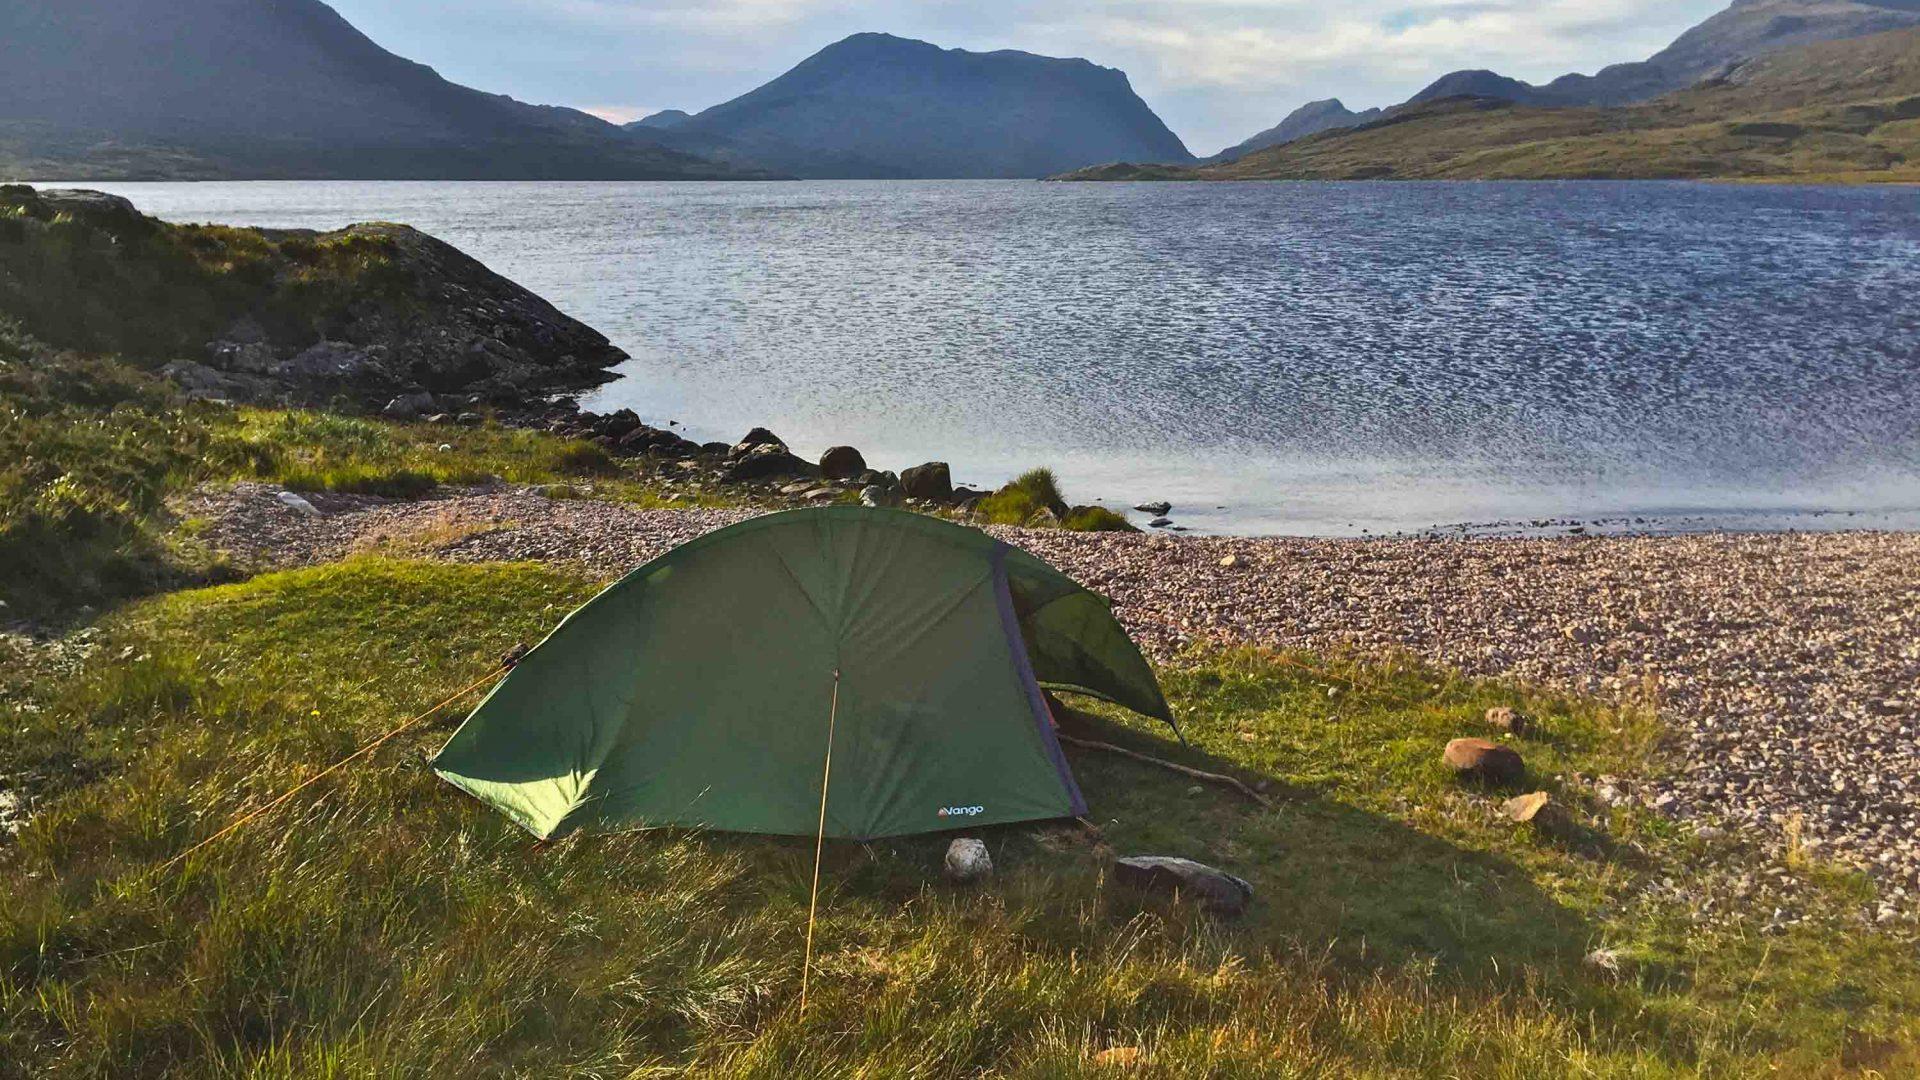 Camping by Lochan Fada near Kinlochewe, Cape Wrath, Scotland.